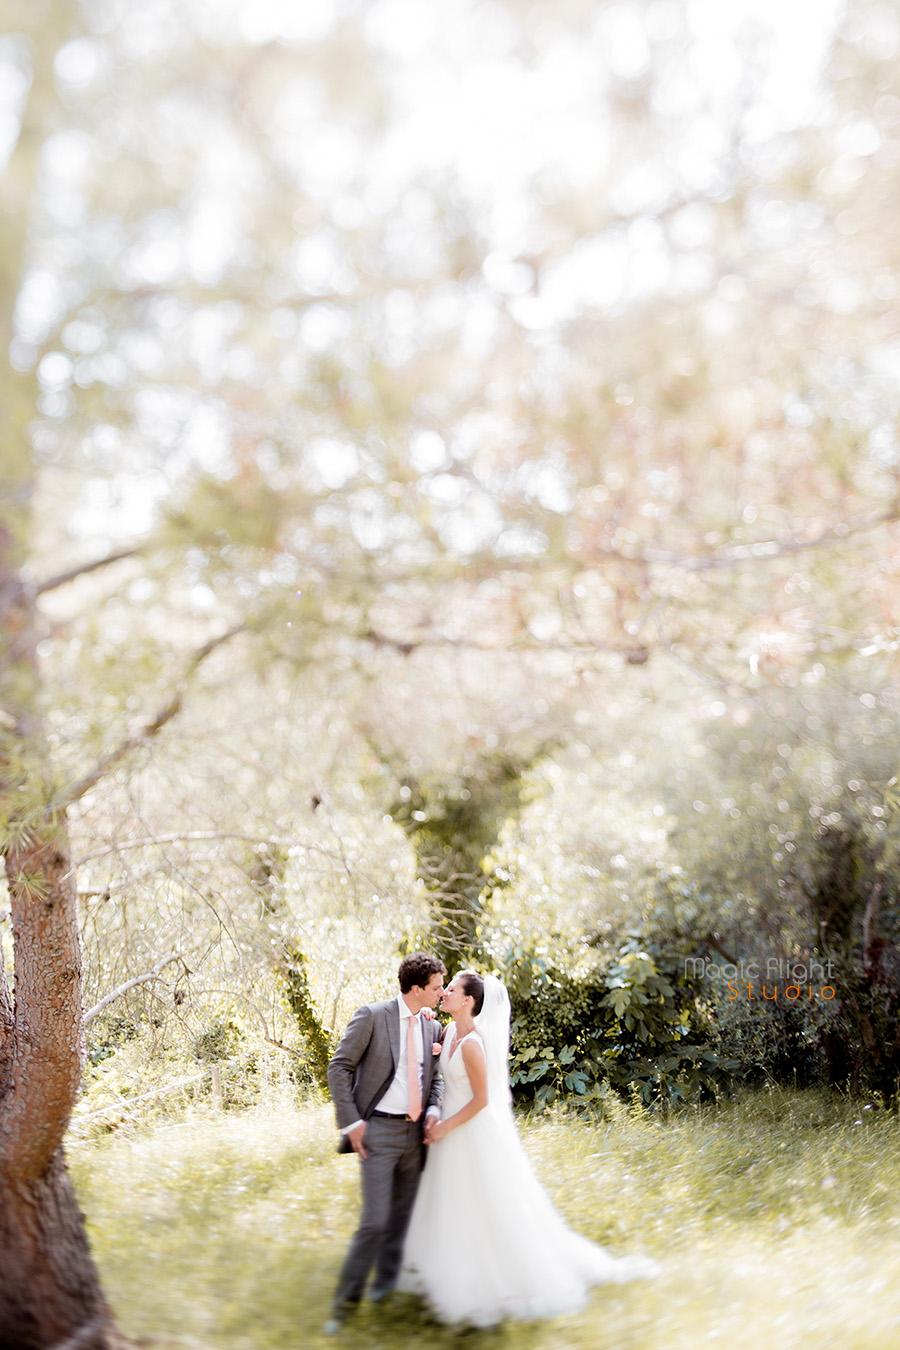 photographe mariage -21